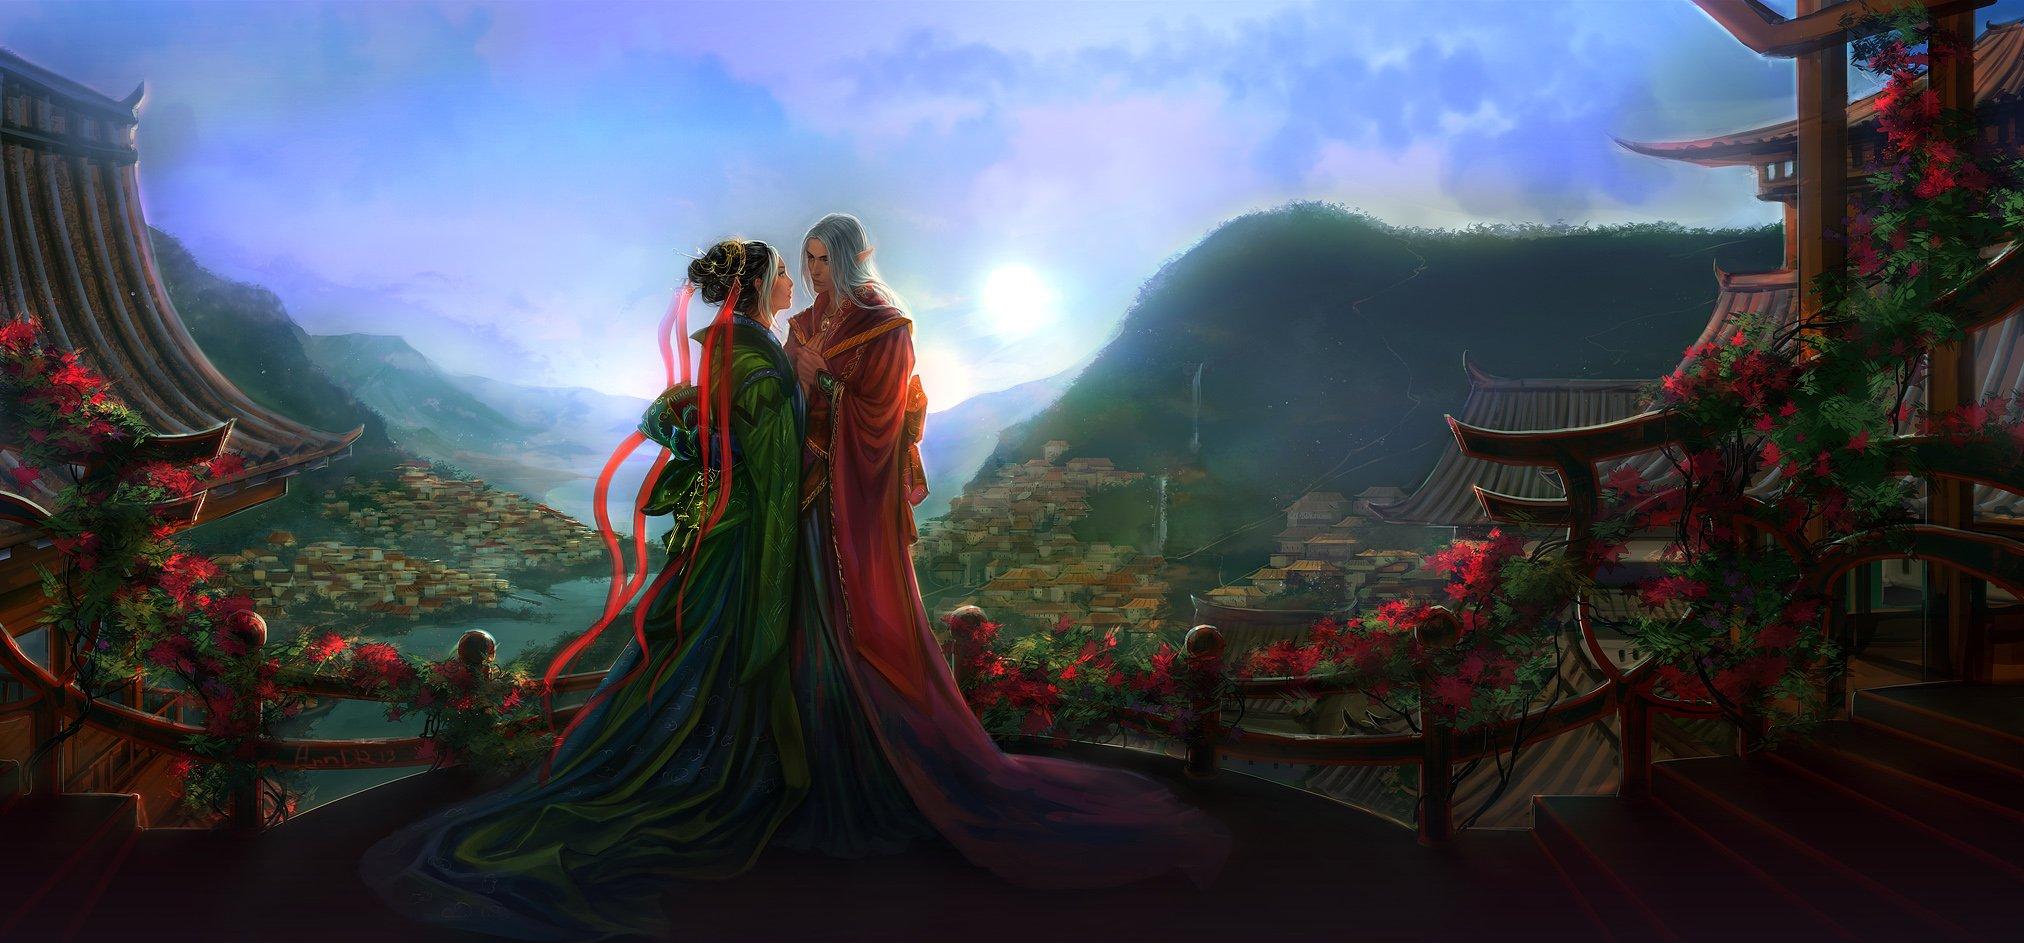 Fantasy love couple kimono elf landscape wallpaper 2024x943 610444 WallpaperUP